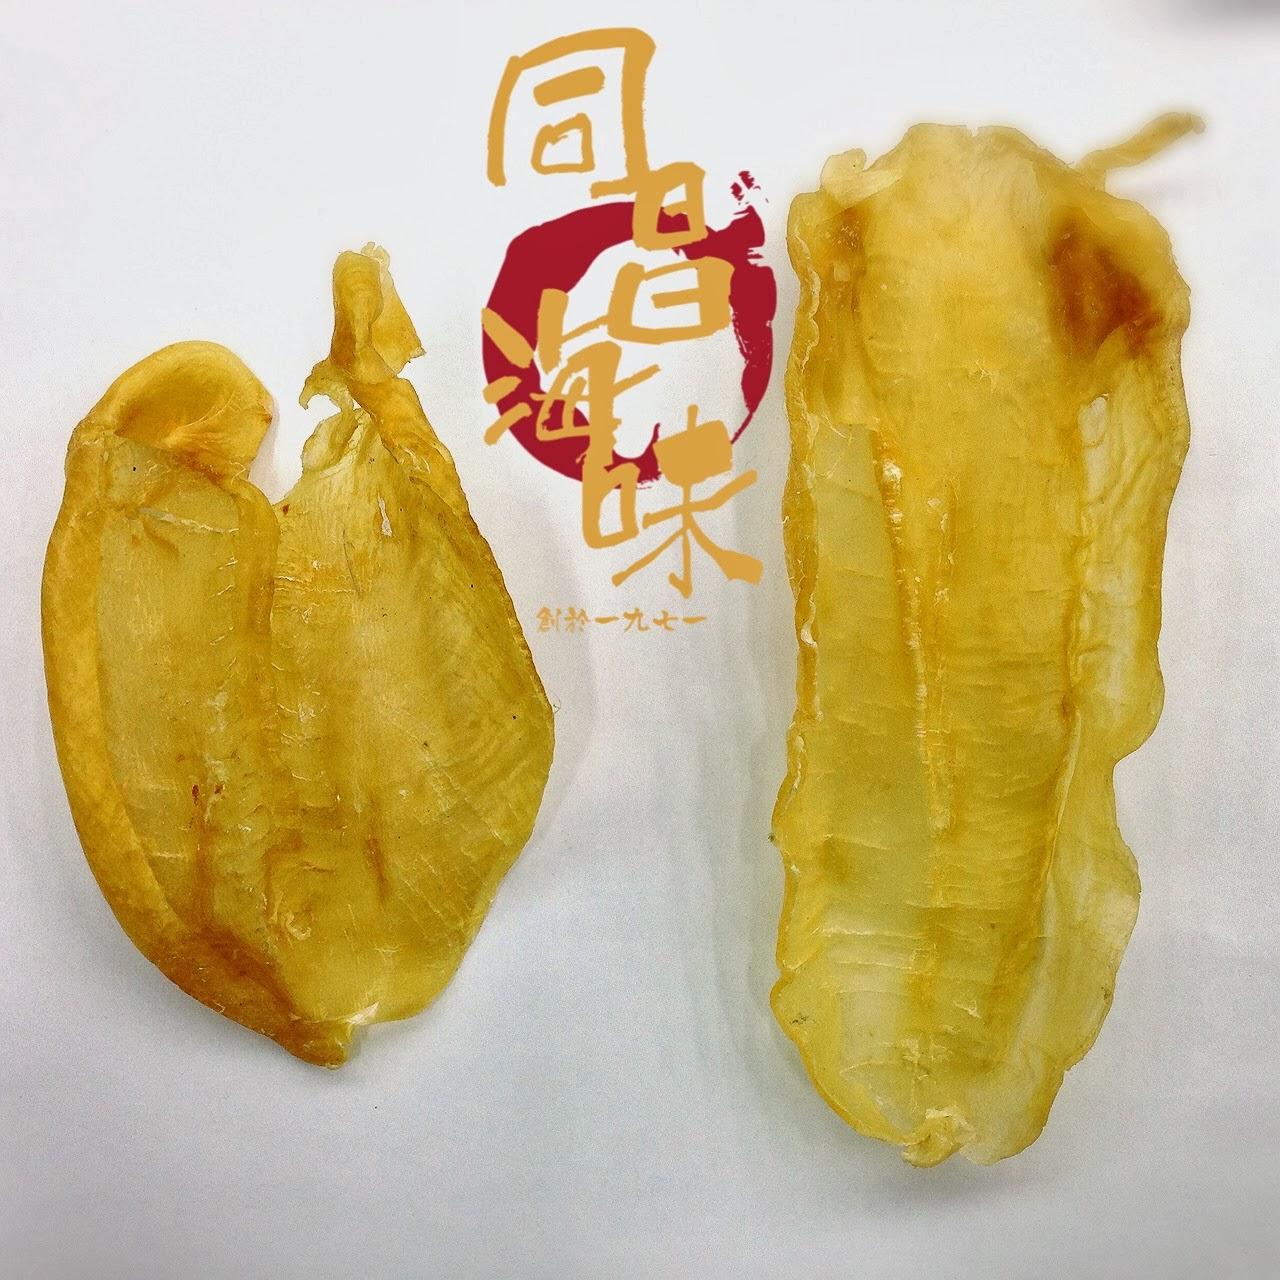 同昌海味: 【認識花膠品種】